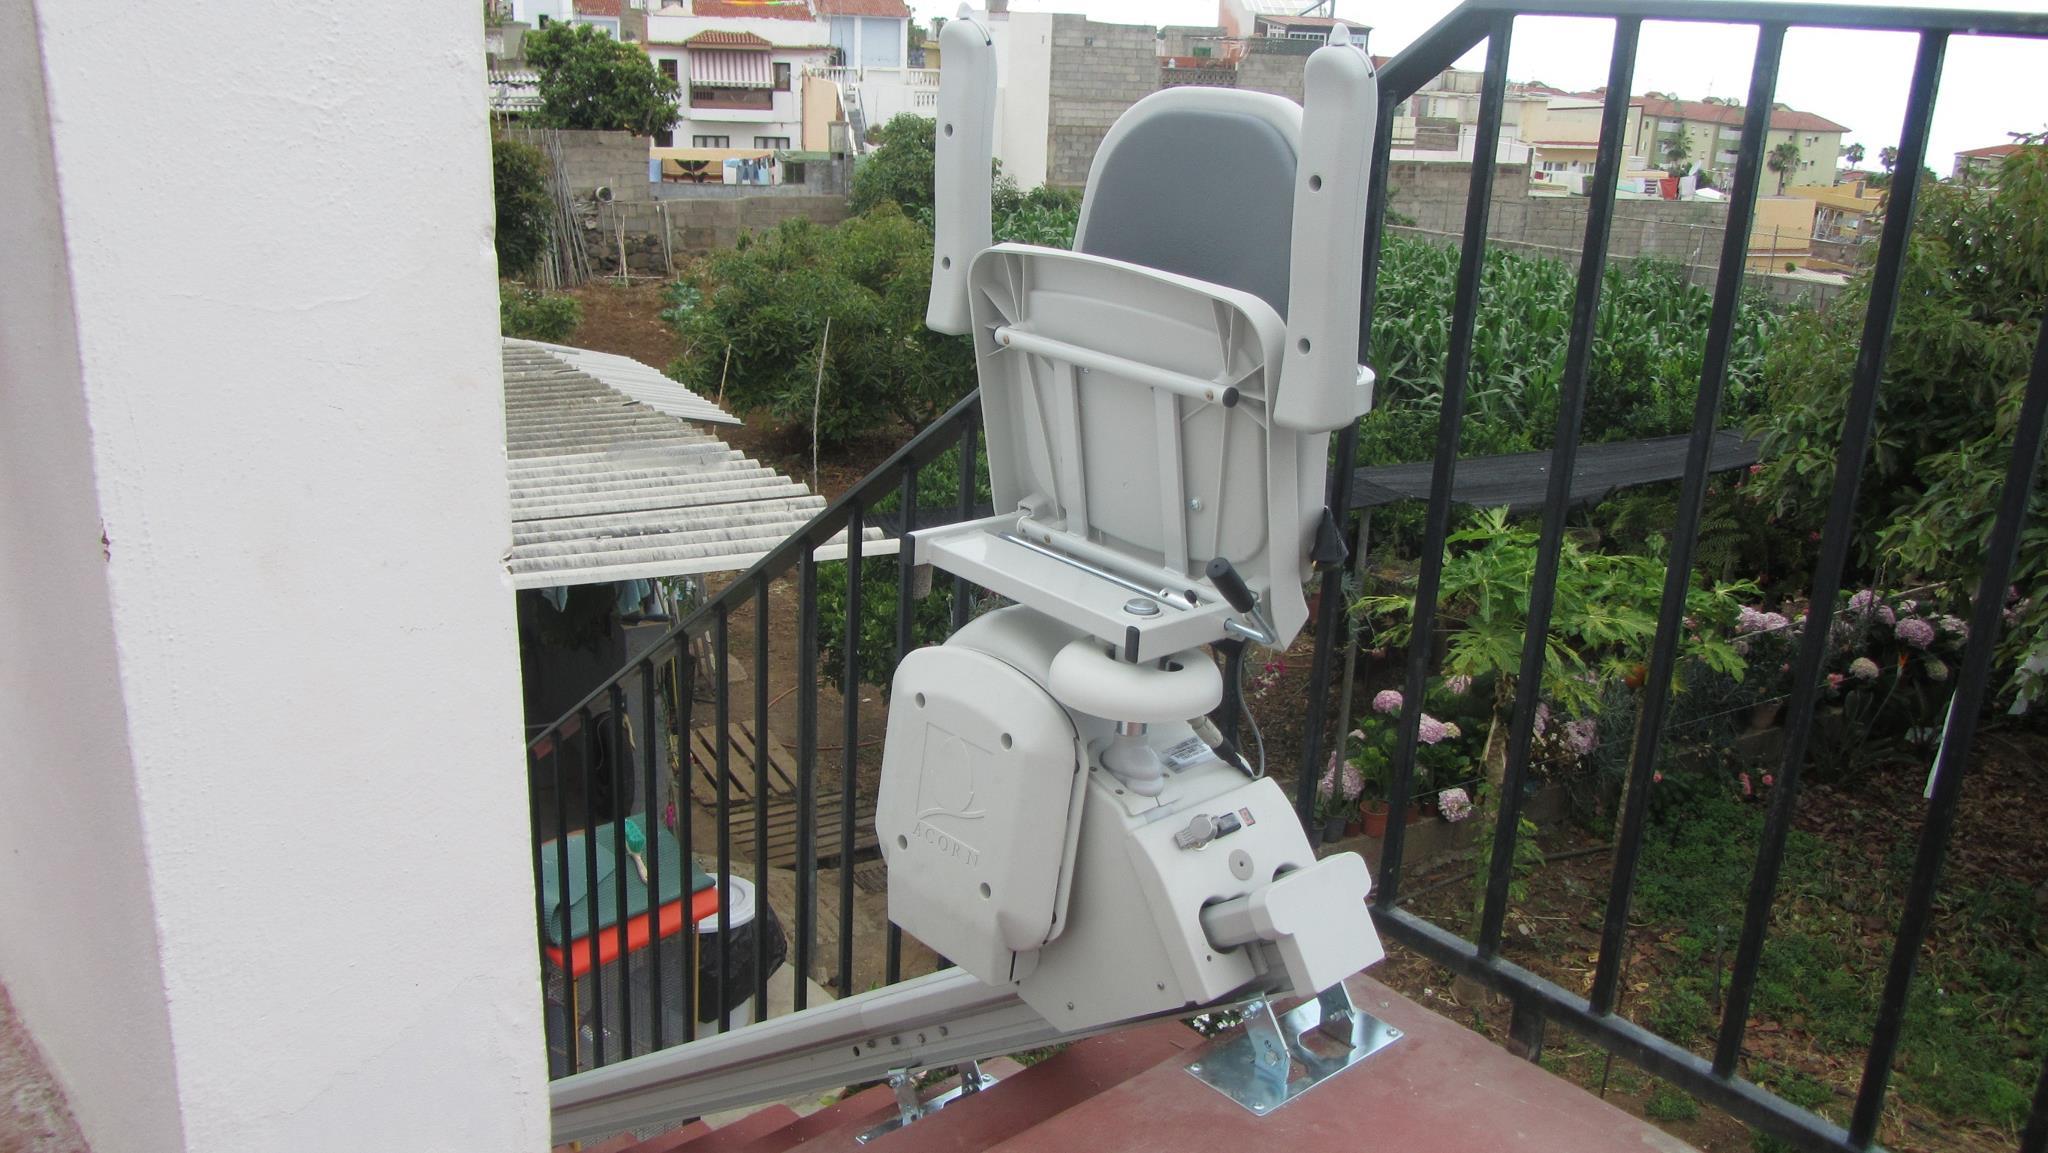 Foto 20 de Venta, instalación y reparaciones de aparatos elevadores en Tegueste | Mobiliteg Solutions